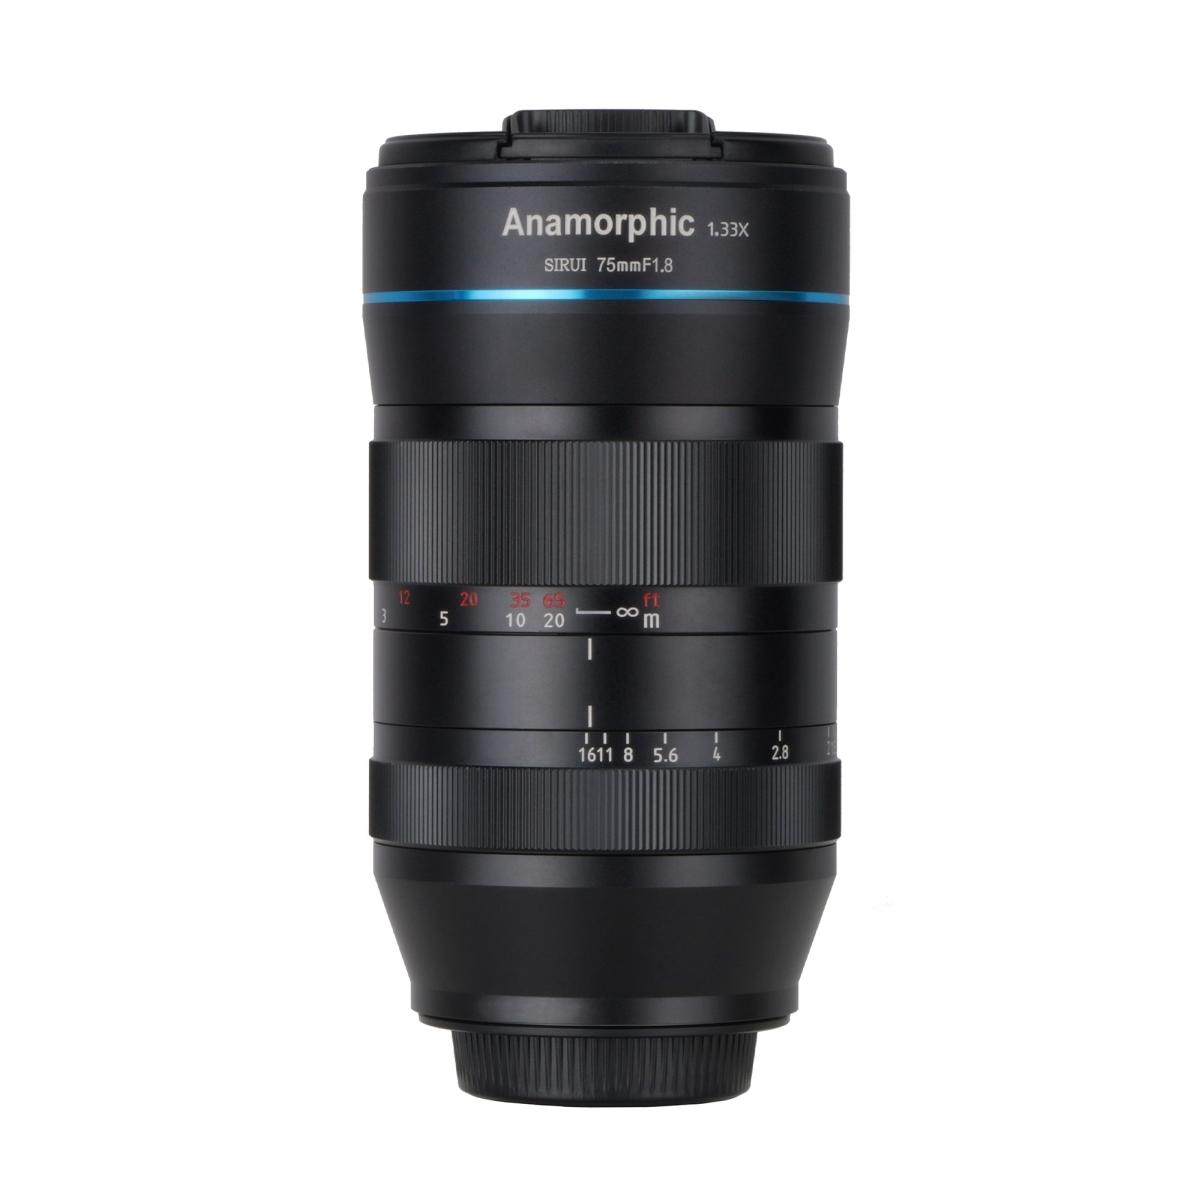 Sirui 75 mm 1:1,8 Anamorph 1,33x für Fujifilm X